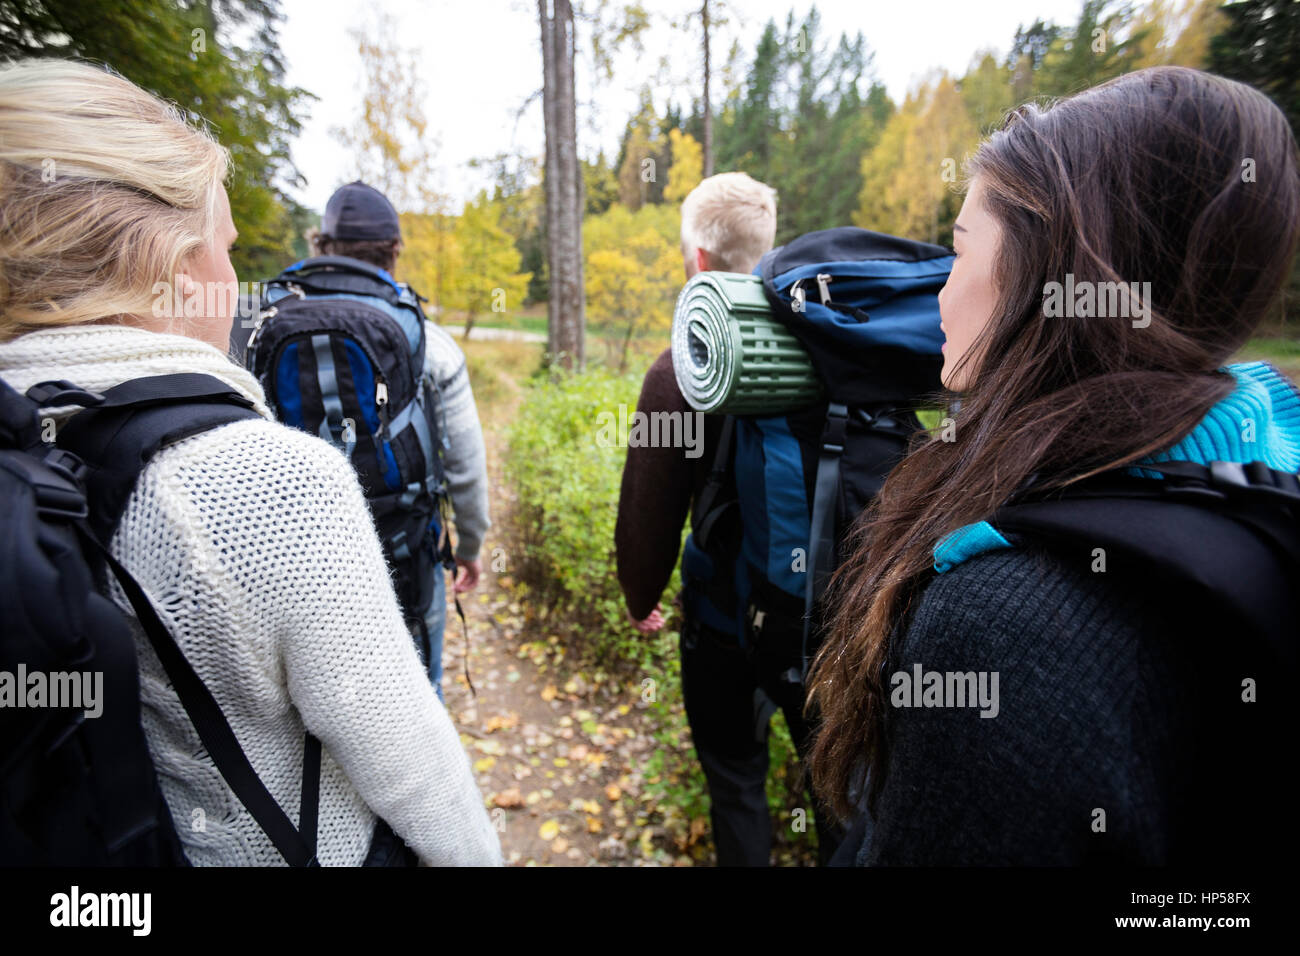 Wanderer mit Rucksack zu Fuß auf Forstweg Stockbild